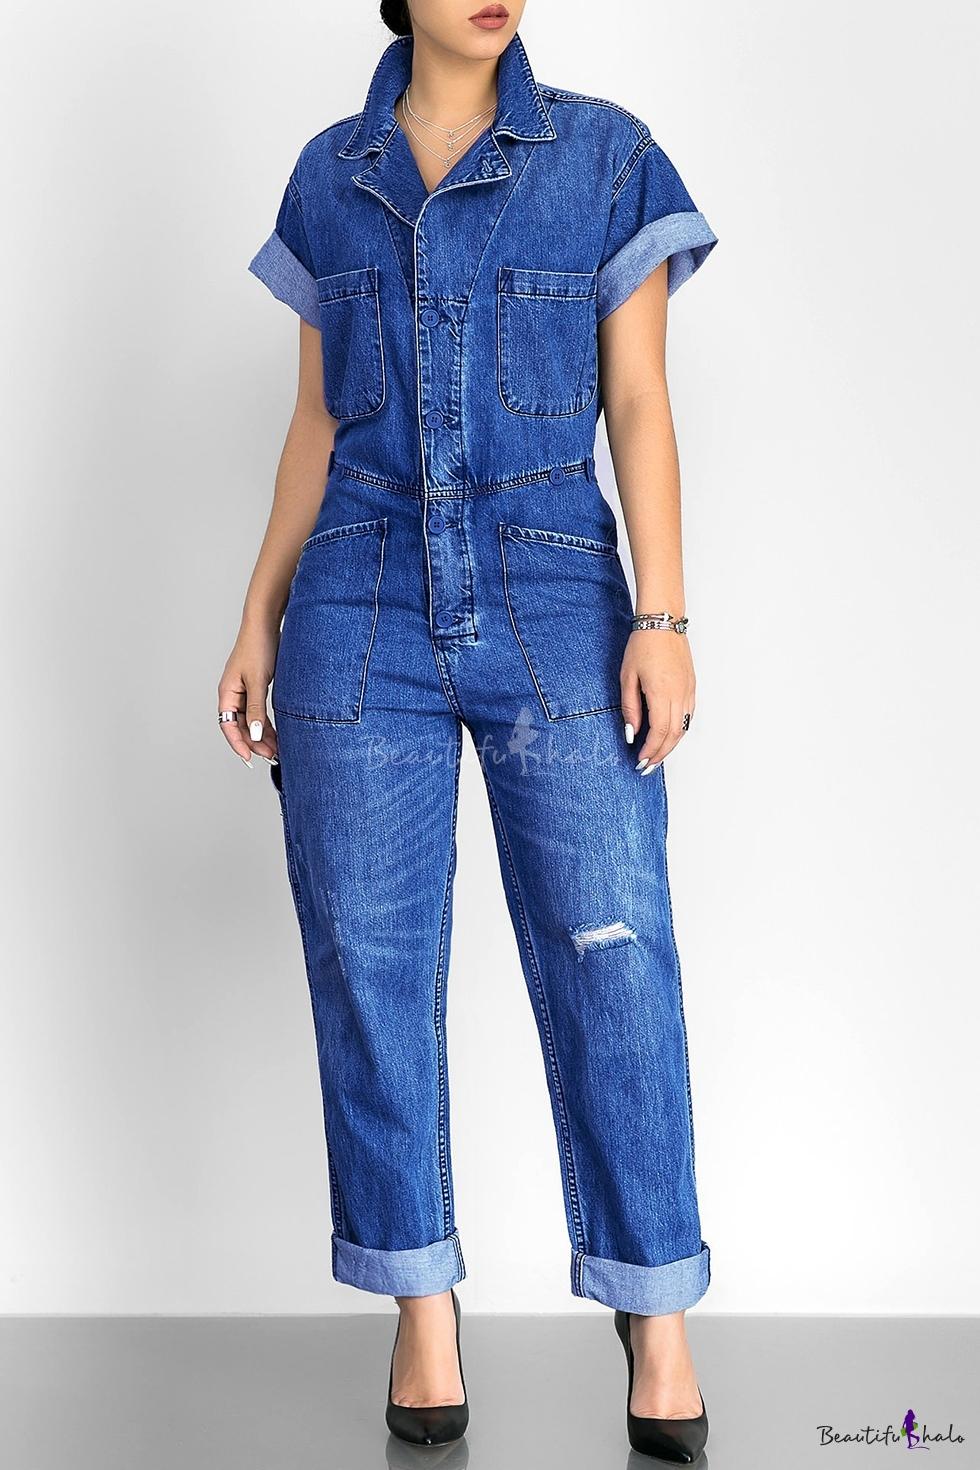 Fashion Simple Plain Lapel Buttons Down Short Sleeve Denim Jumpsuit - Beautifulhalo.com